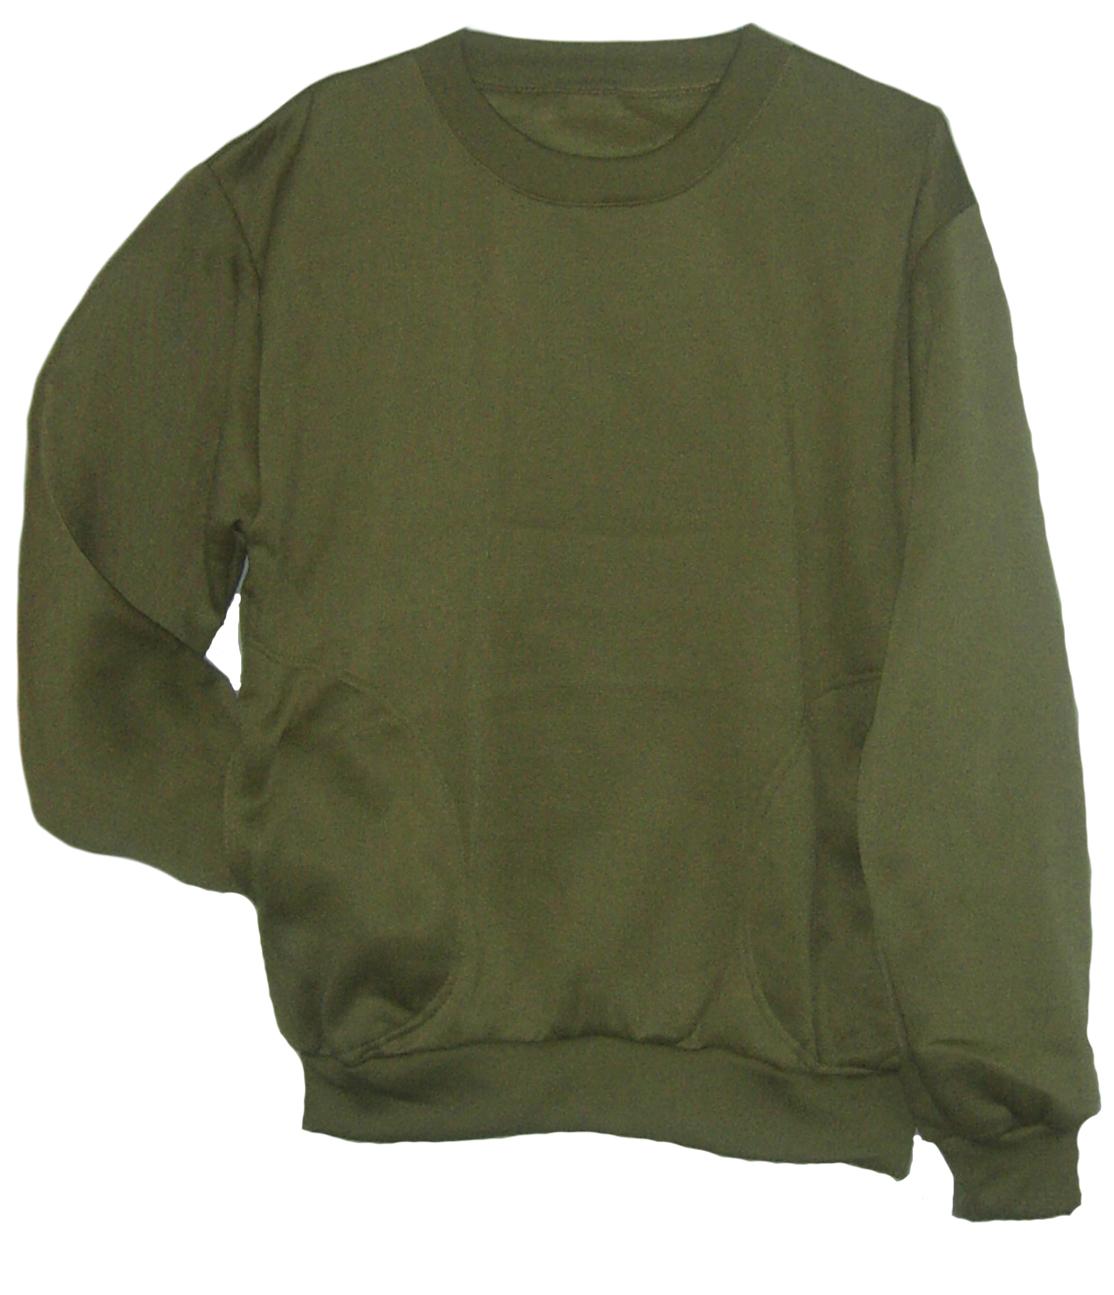 เสื้อคอกลม กันหนาว สีเขียวอมเหลือง